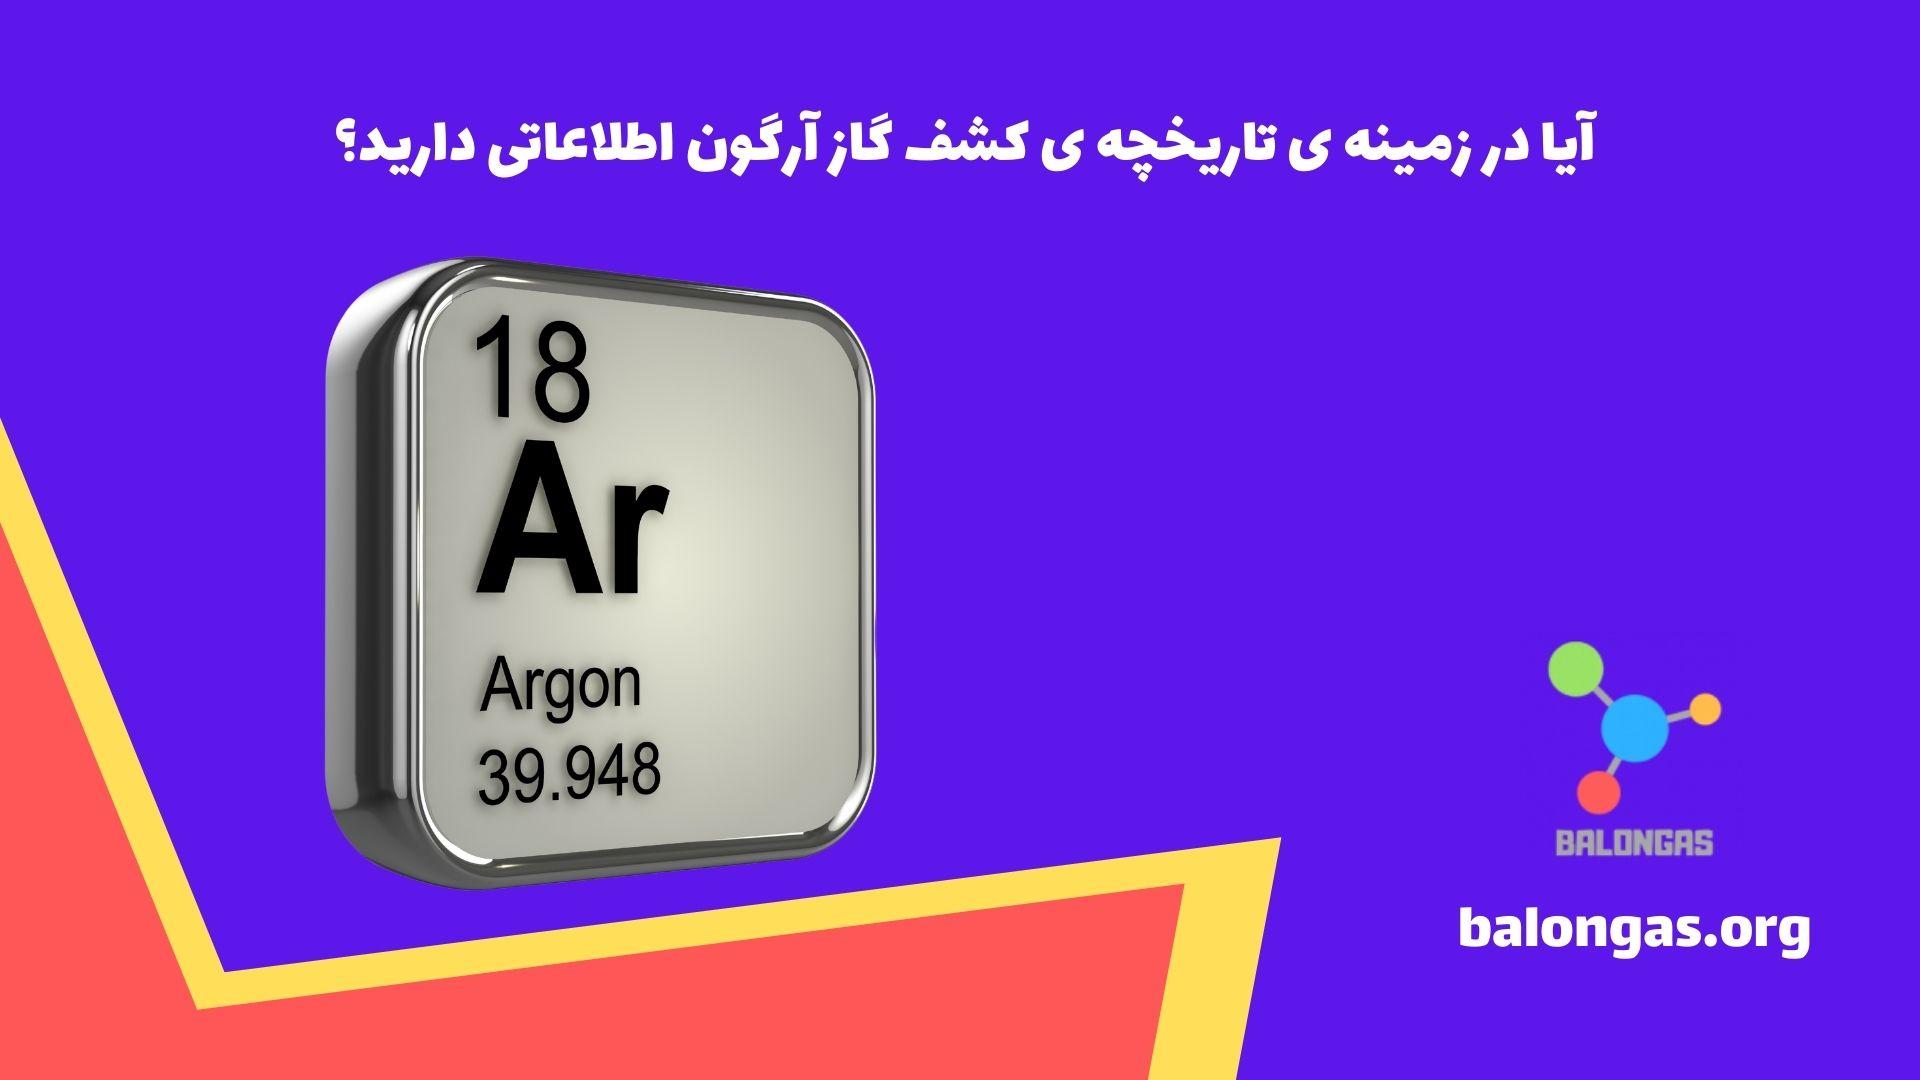 آیا در زمینه ی تاریخچه ی کشف گاز آرگون اطلاعاتی دارید؟